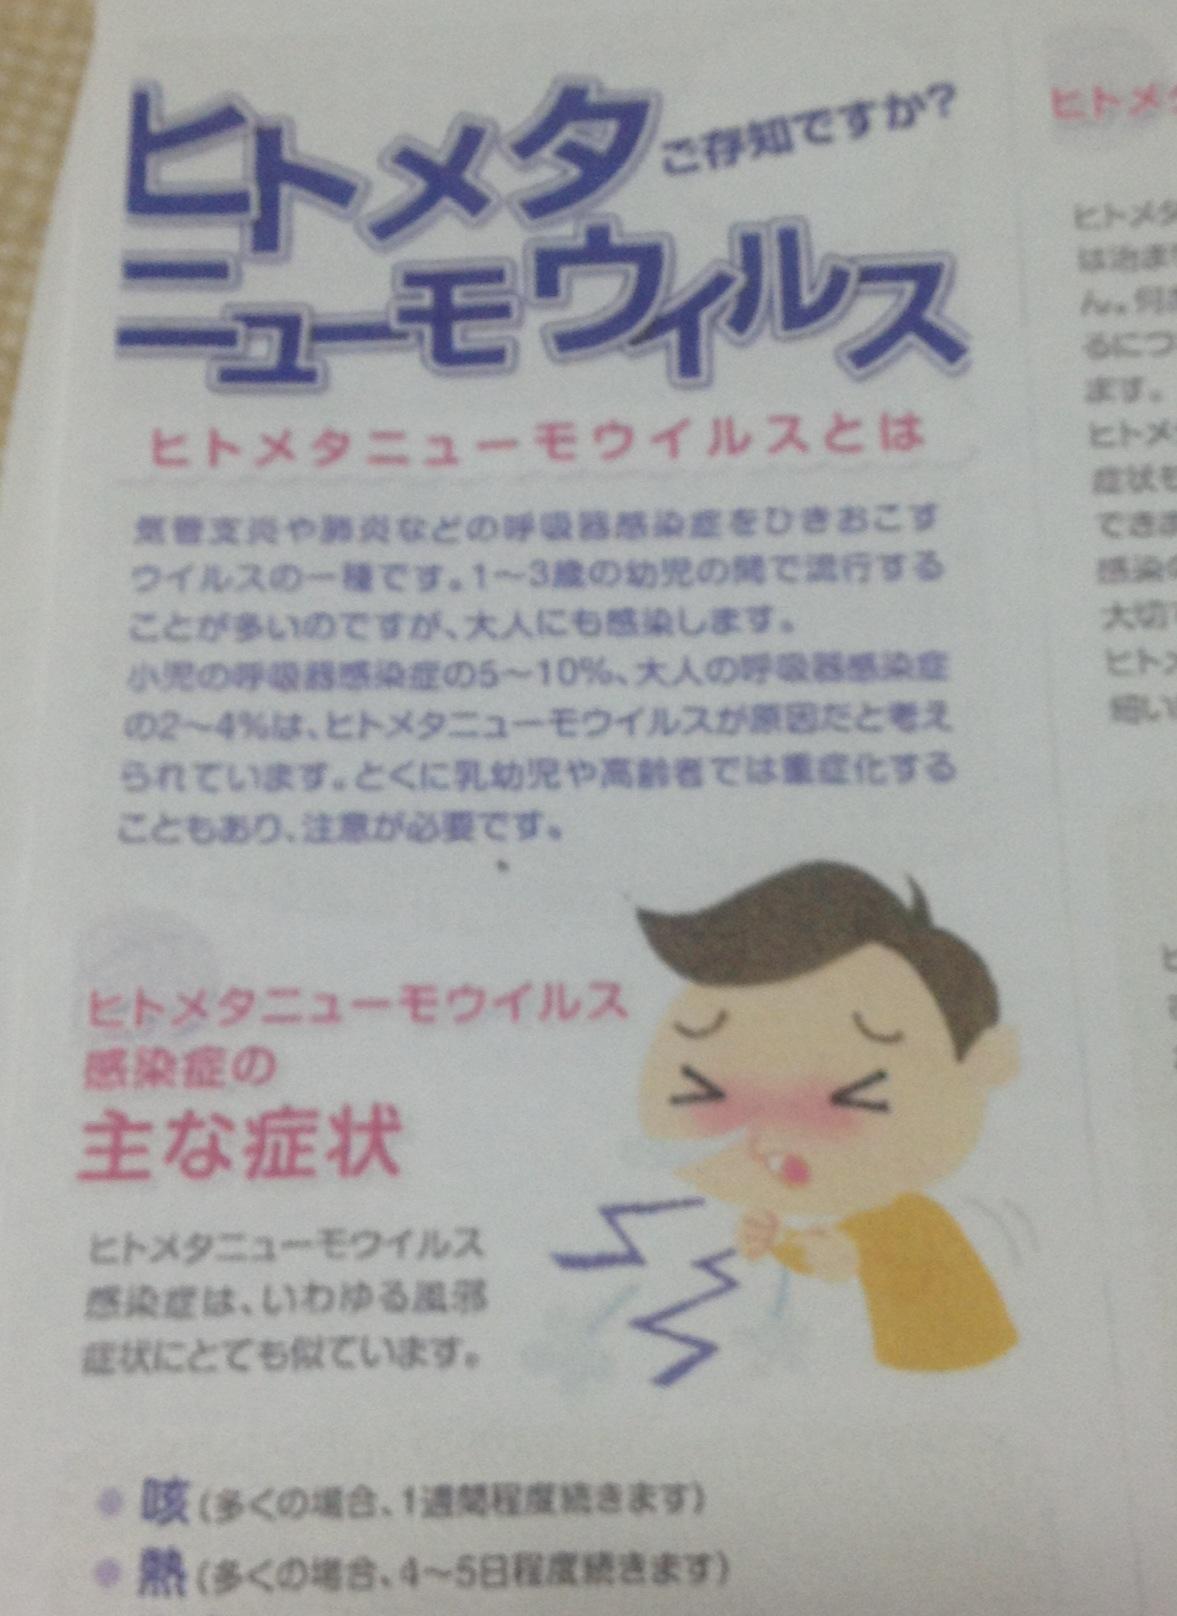 咳&発熱の原因判明